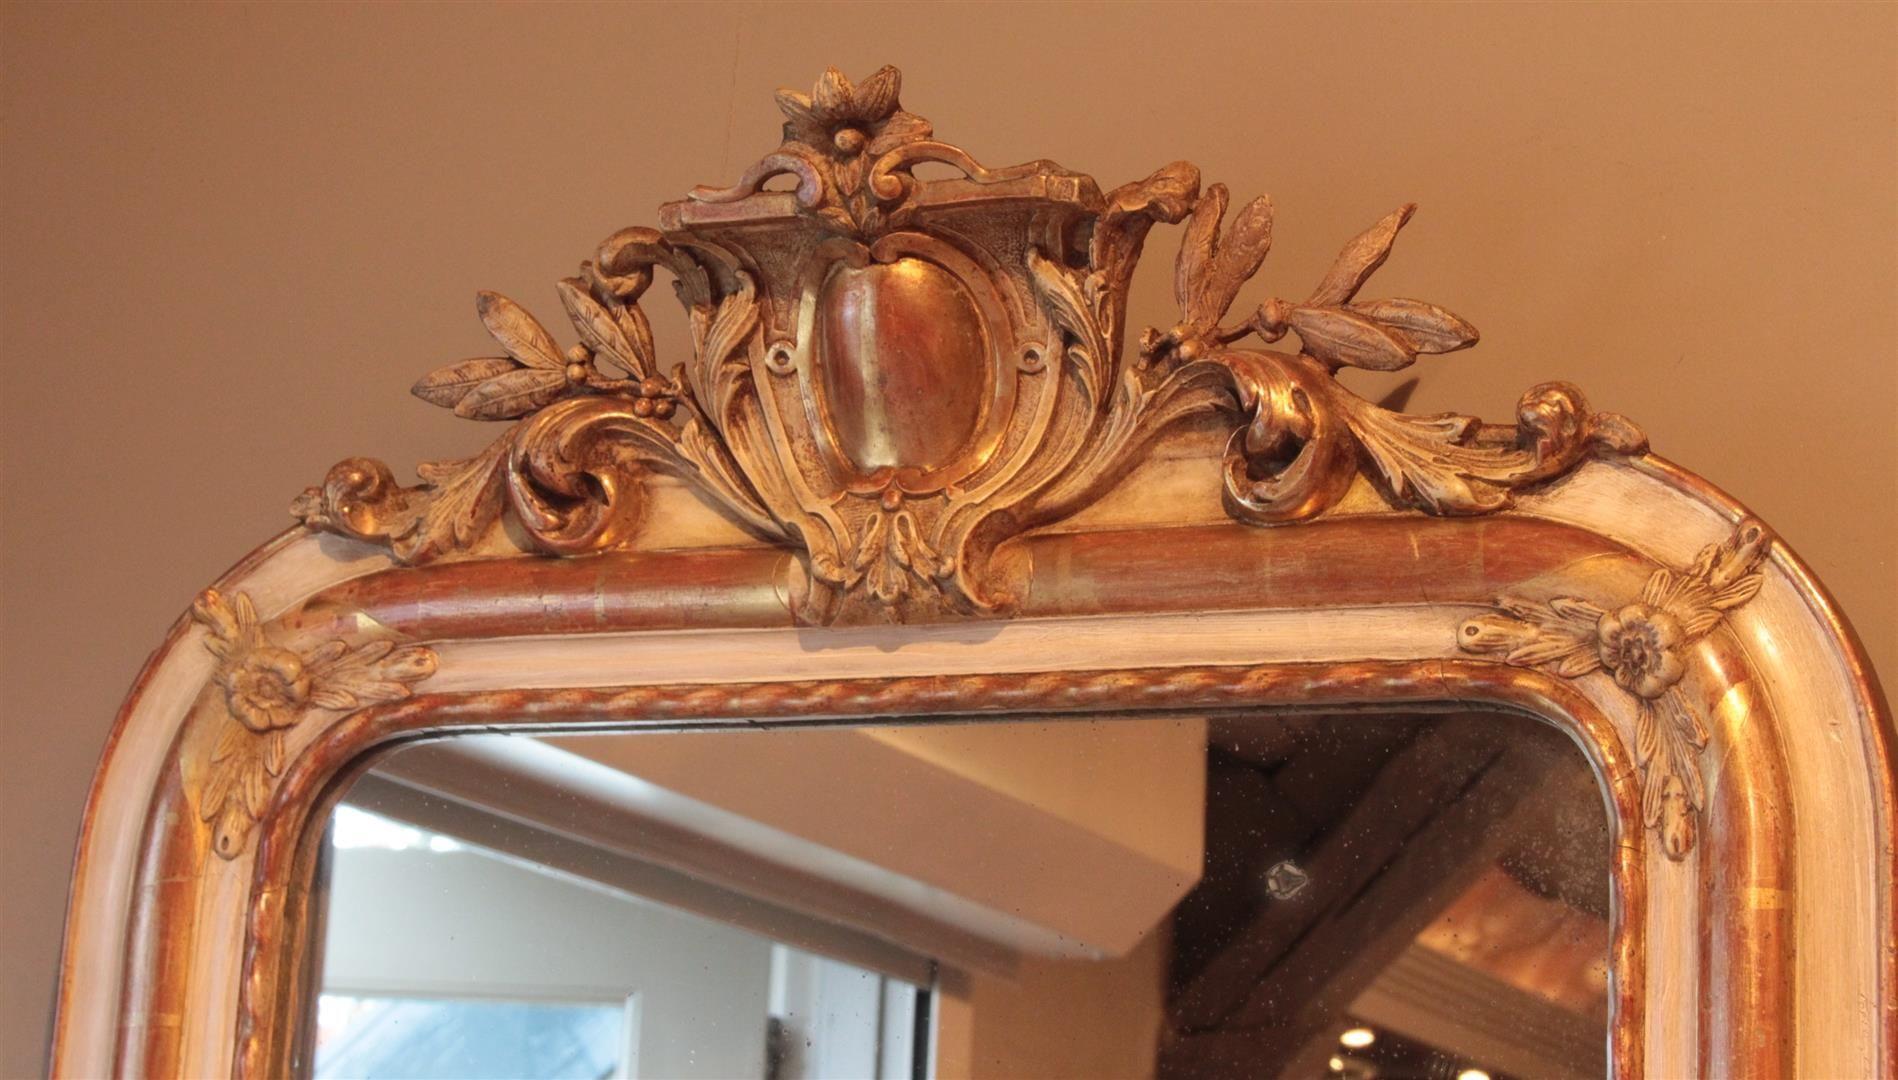 Vintage Badkamer Spiegel : Antieke franse spiegel frankrijk ± 1860 19e eeuw